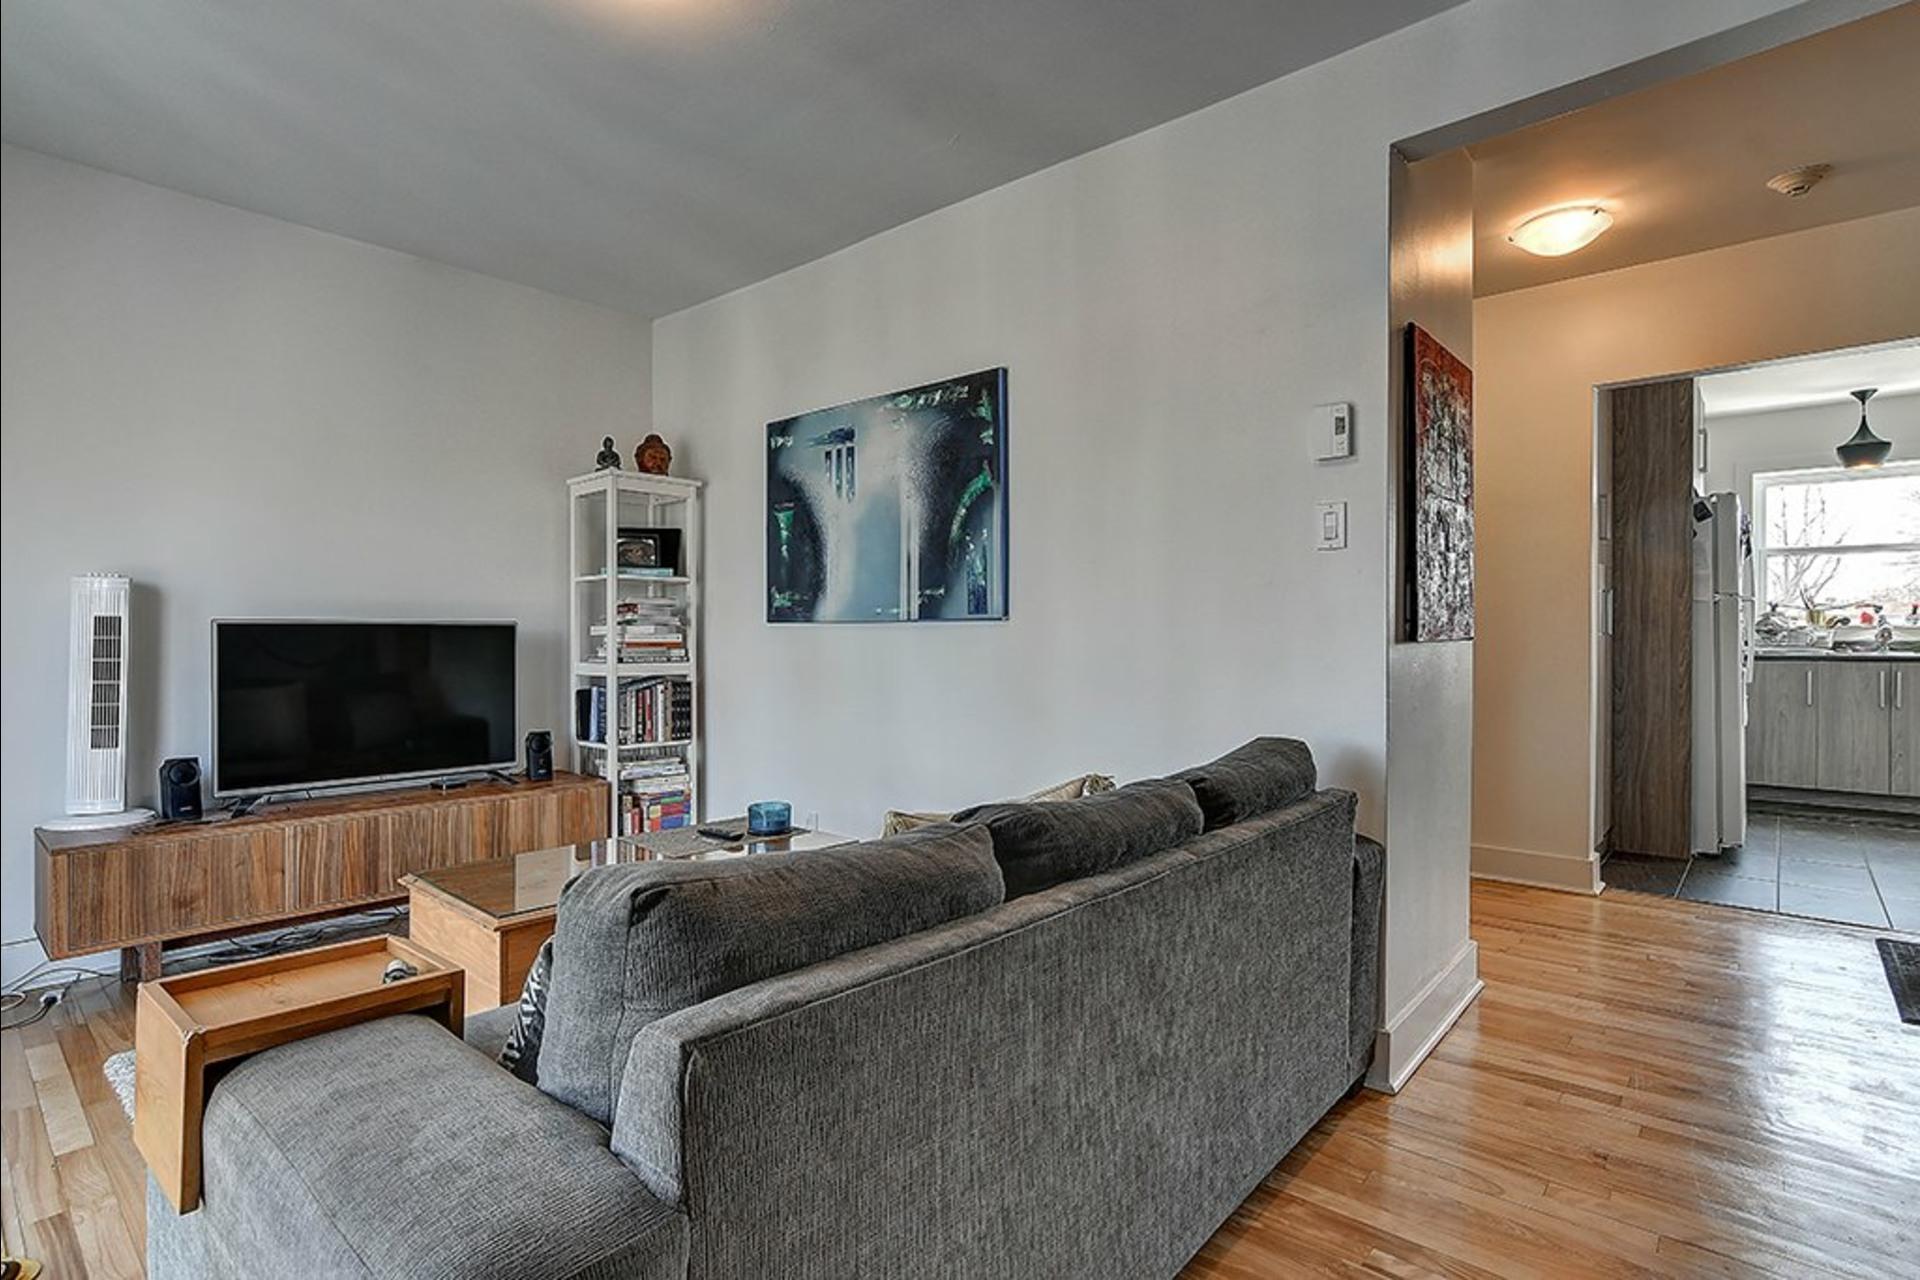 image 4 - Immeuble à revenus À vendre Montréal Le Sud-Ouest  - 4 pièces